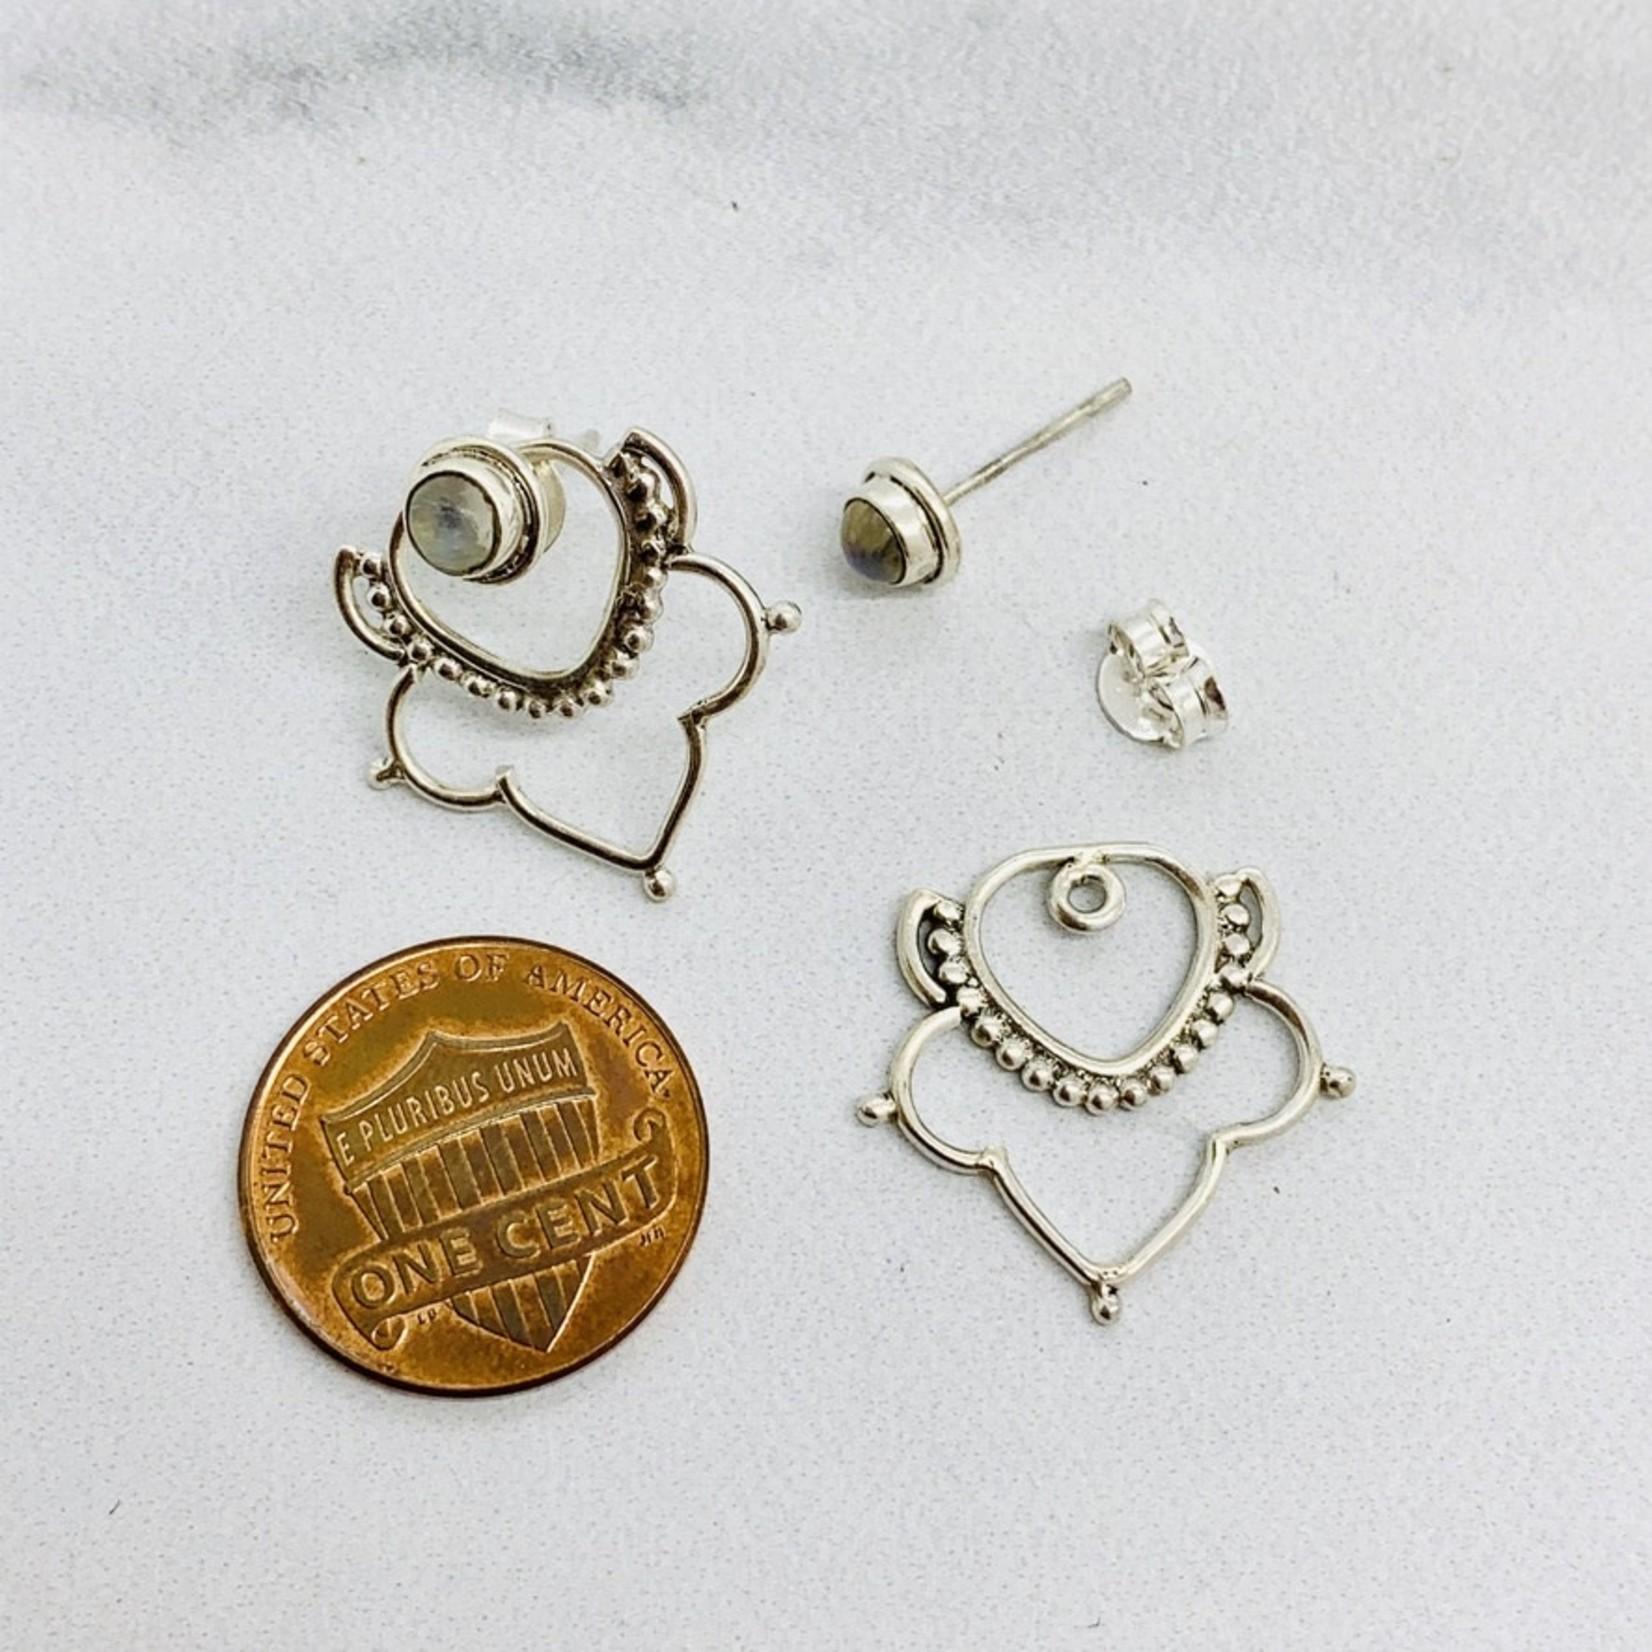 Baizaar Chandelier sterling silver ear jacket with Moonstone